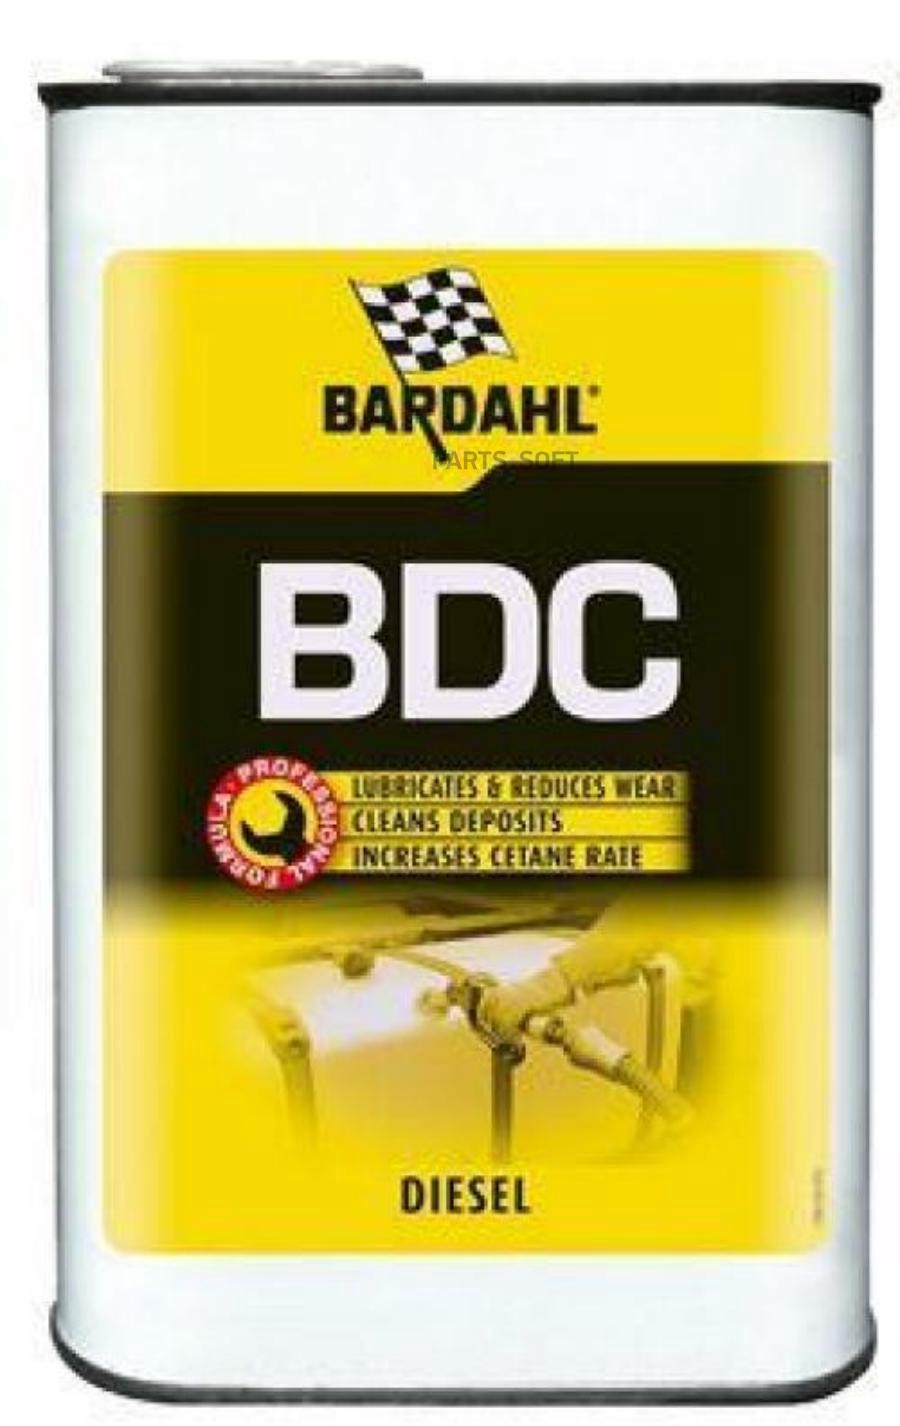 Восстанавливающая и очищающая добавка в дизельное топливо Bardahl Diesel Combustion (Bdc) 1л